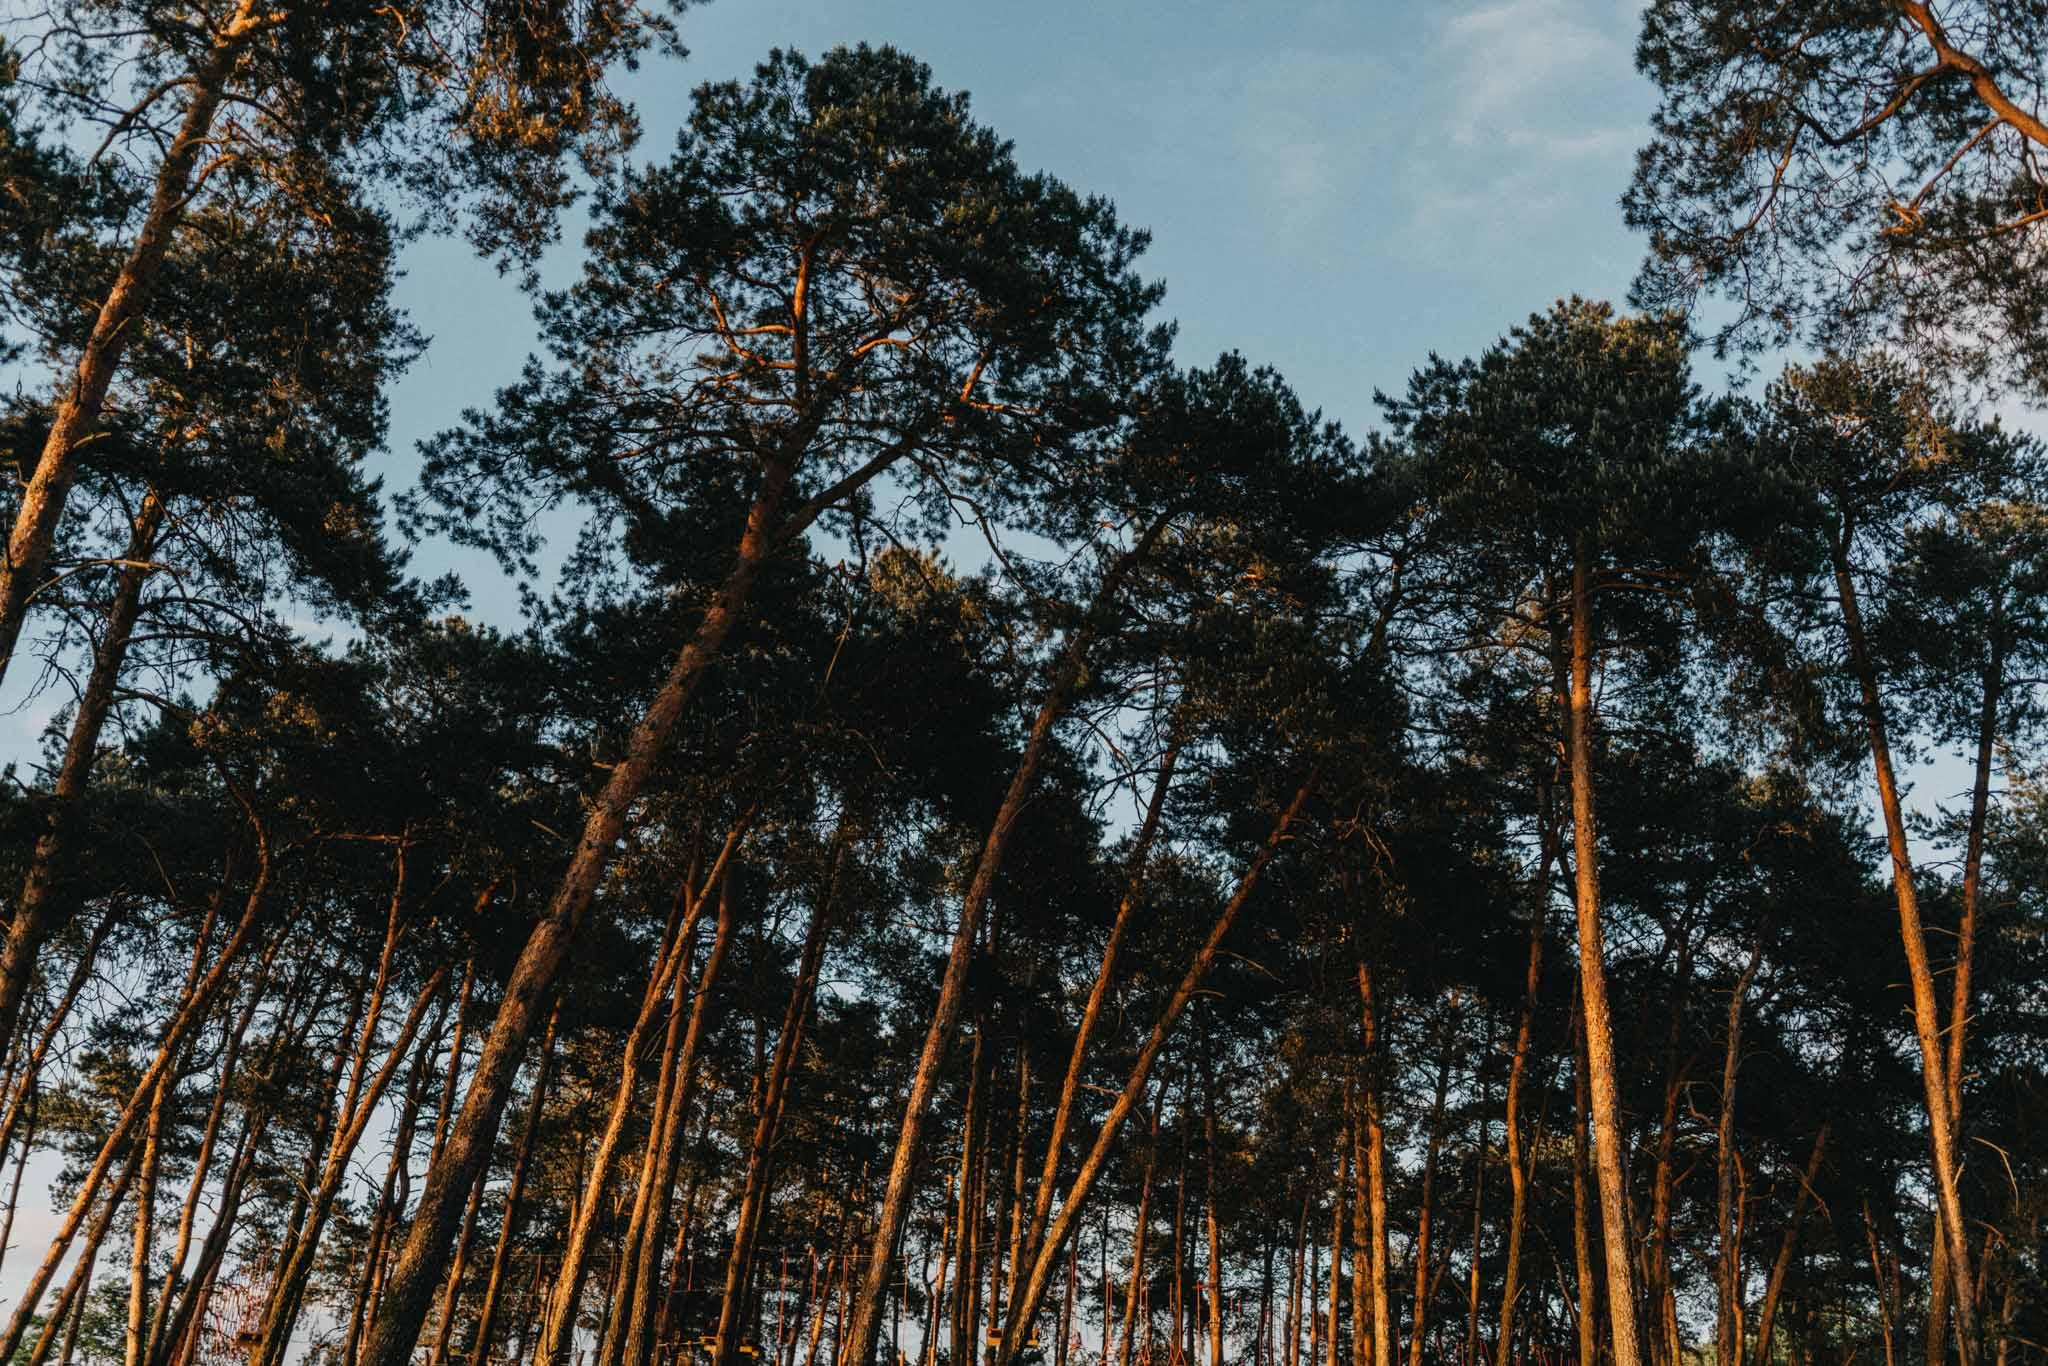 Sesja zaręczynowa w Ogrodzie Brzoskwinia | Zdjęcia narzeczeńskie w Ogrodzie Brzoskwinia